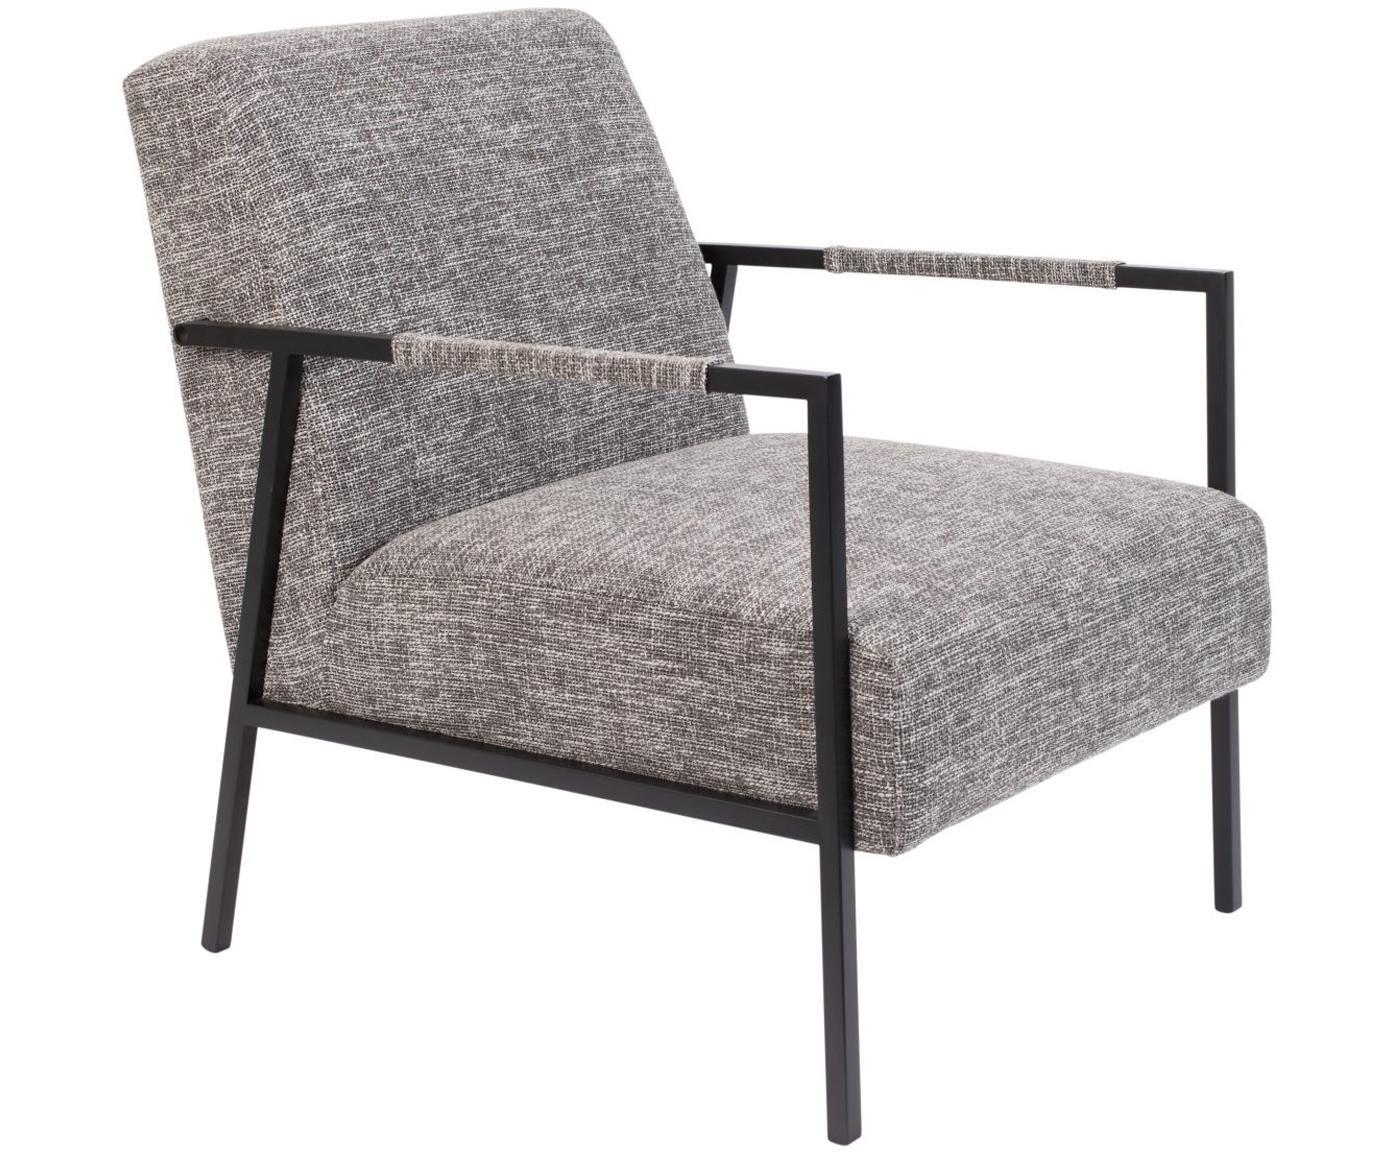 Loungefauteuil Wakasan in grijs, Bekleding: polyester, Frame: gepoedercoat metaal, Grijs, zwart, B 61 x D 81 cm